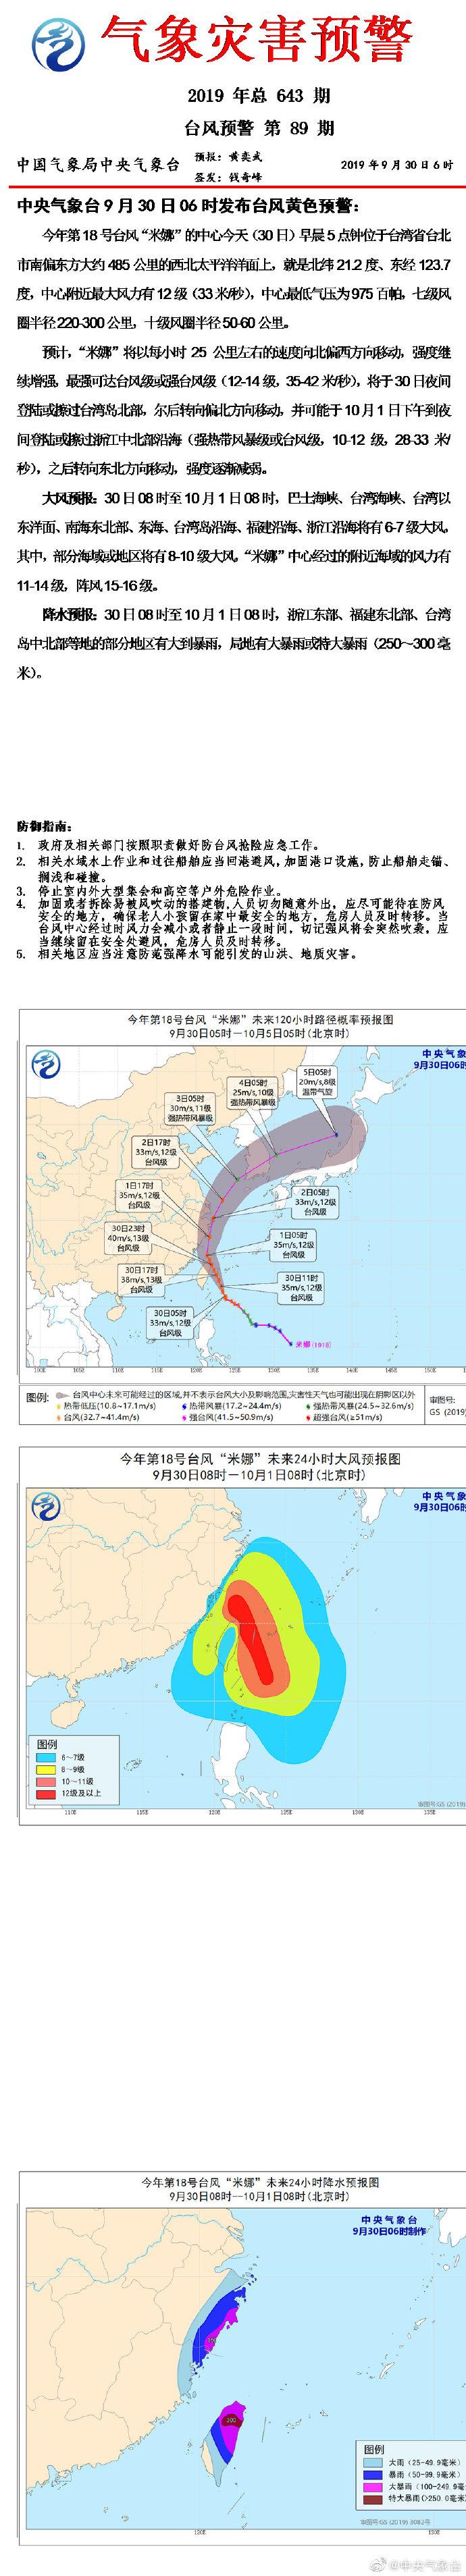 """台风黄色预警发布:""""米娜""""将于30日夜间登陆或擦过台湾"""